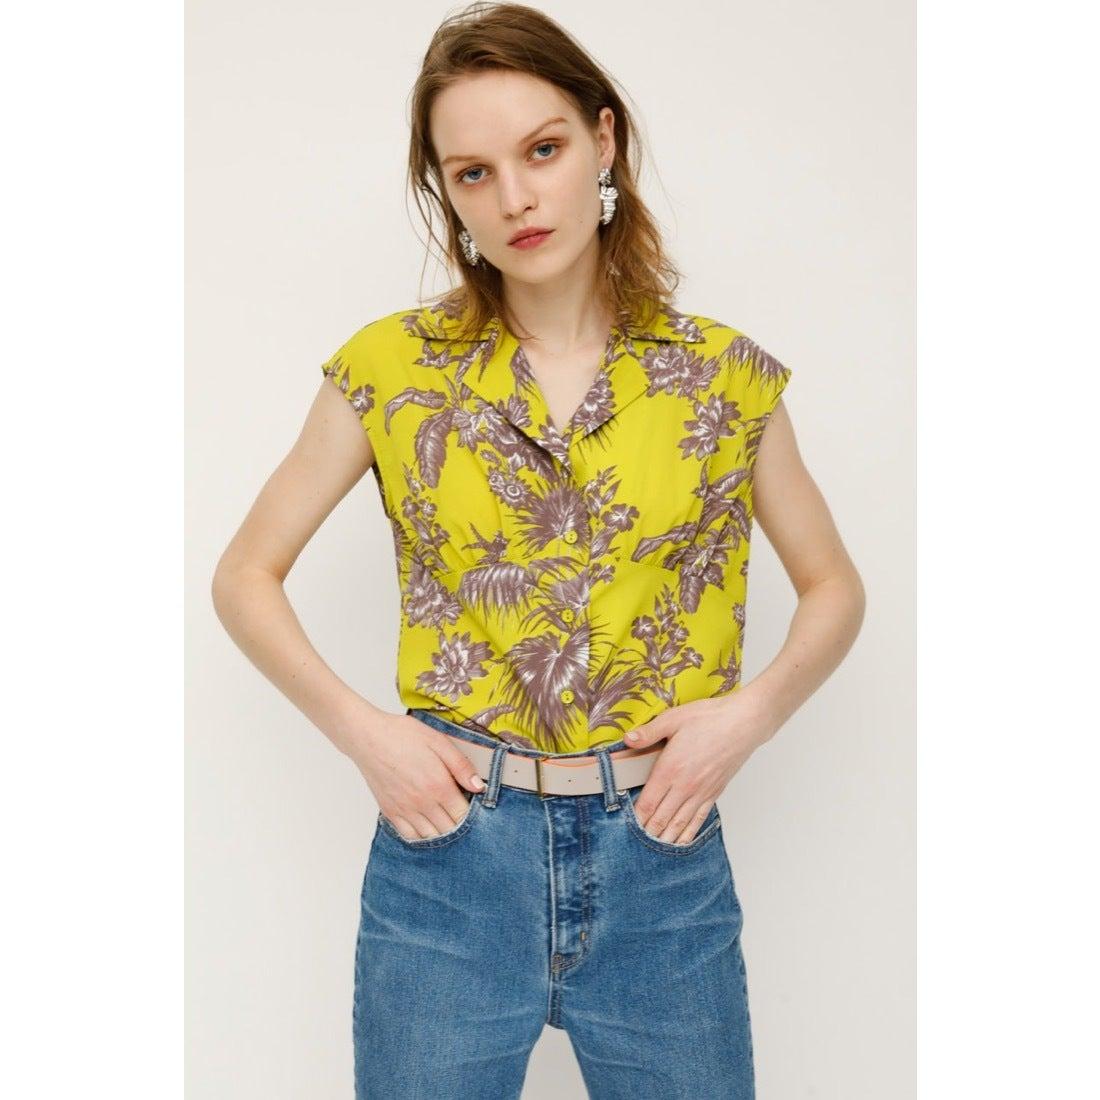 073adfffb441d スライ SLY EXOTIC PLANTS SH TOPS (M/イエロー) -レディースファッション通販 ロコンドガールズコレクション  (LOCONDO GIRL'S COLLECTION)